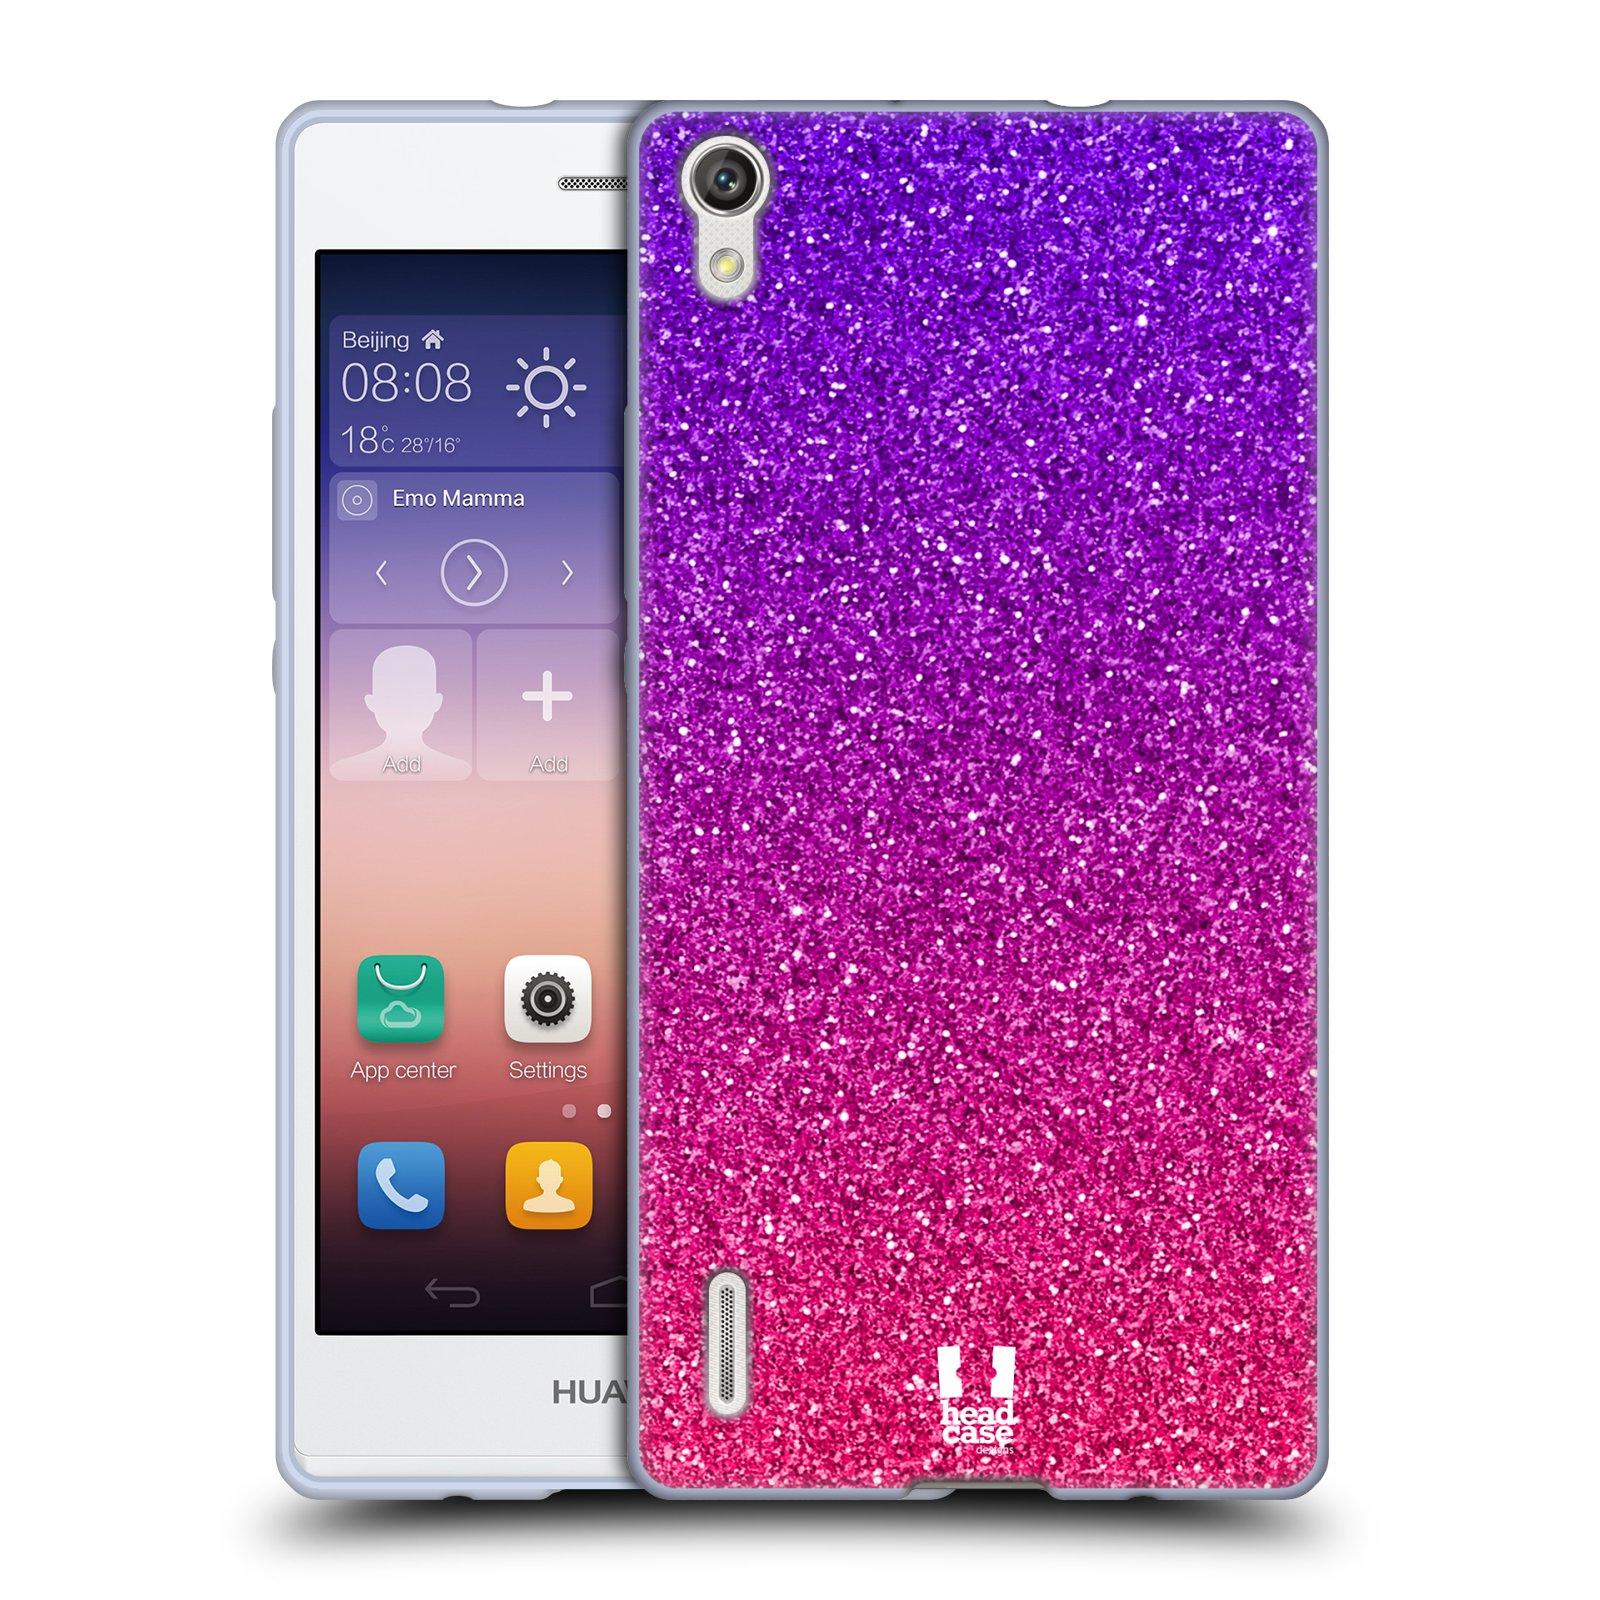 Silikonové pouzdro na mobil Huawei P7 HEAD CASE MIX PINK (Silikonový kryt či obal na mobilní telefon Huawei Ascend P7)